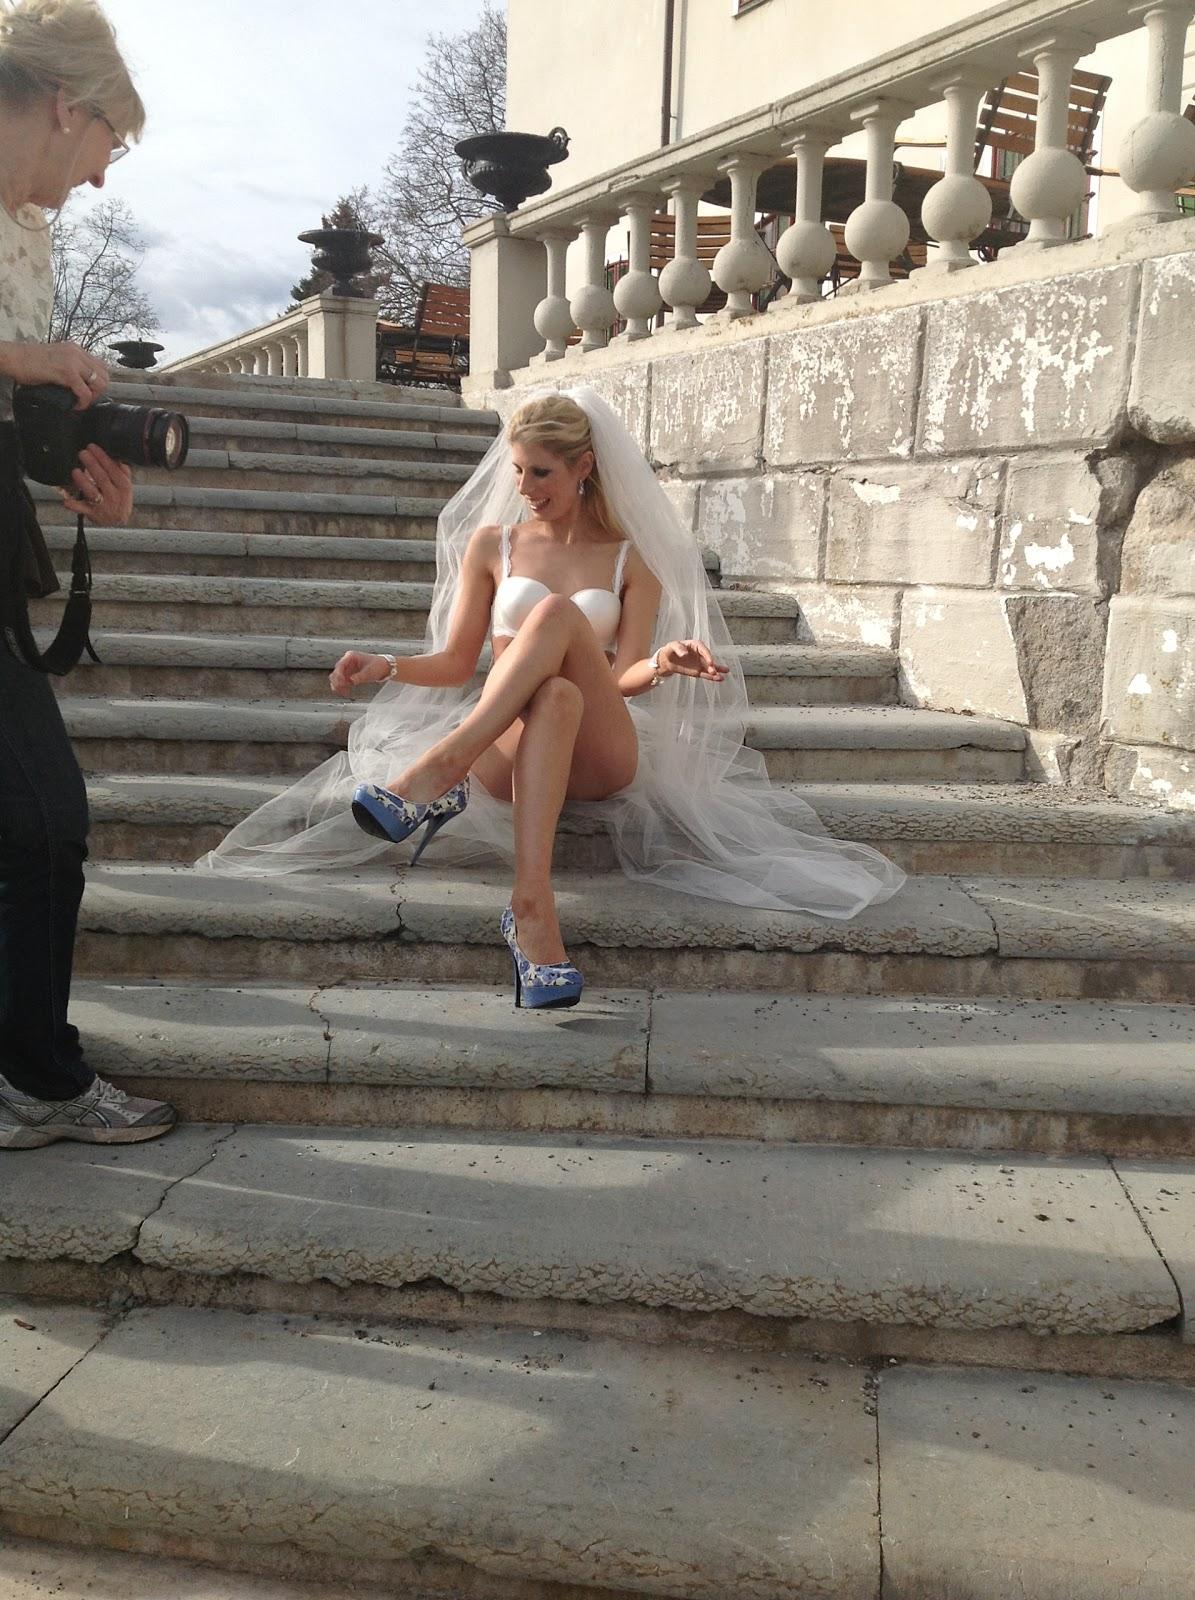 escorter stockholm sensuella underkläder